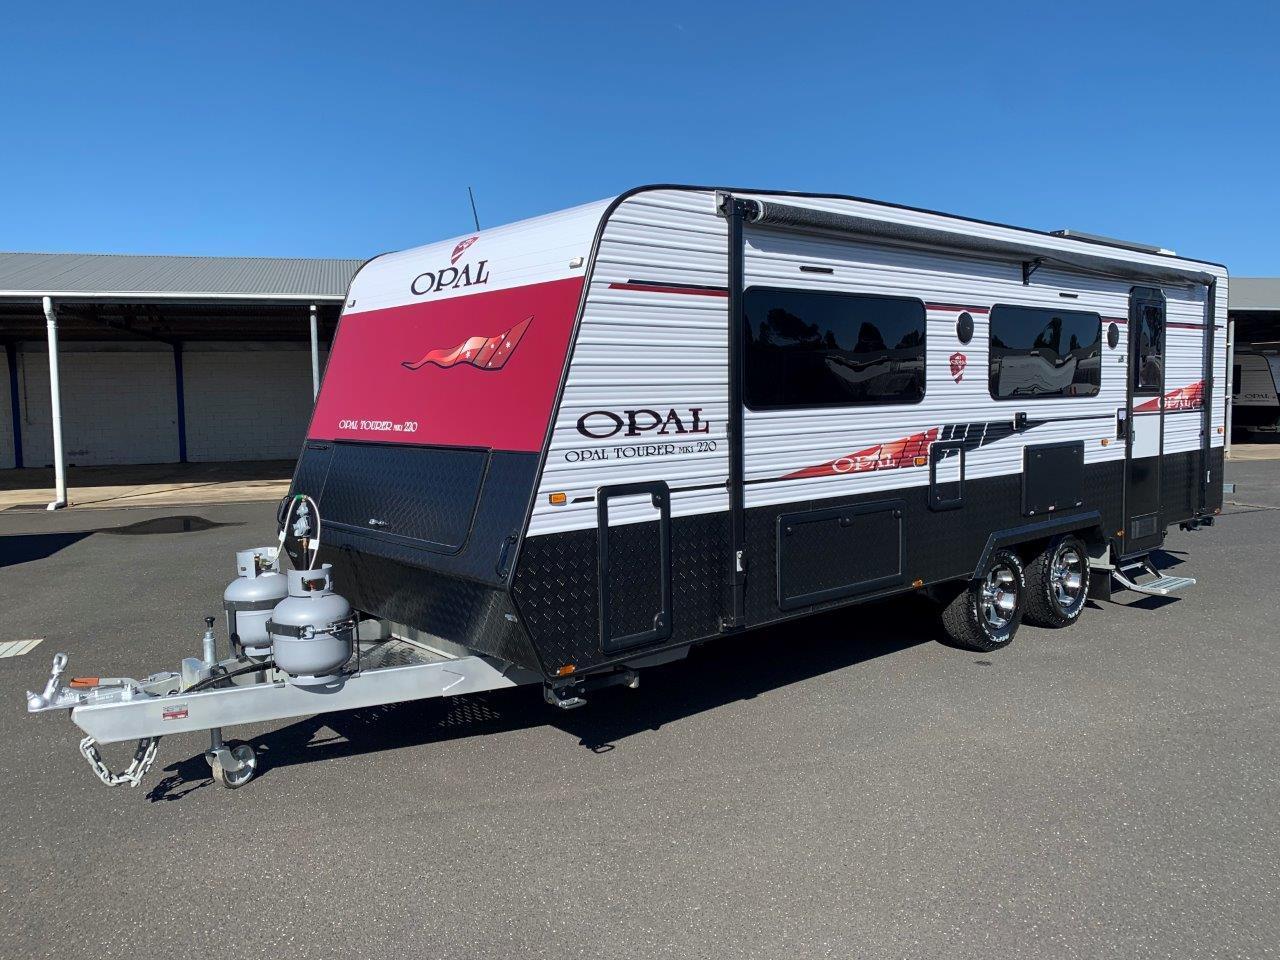 NEW Opal Tourer Mk1 220 Caravan